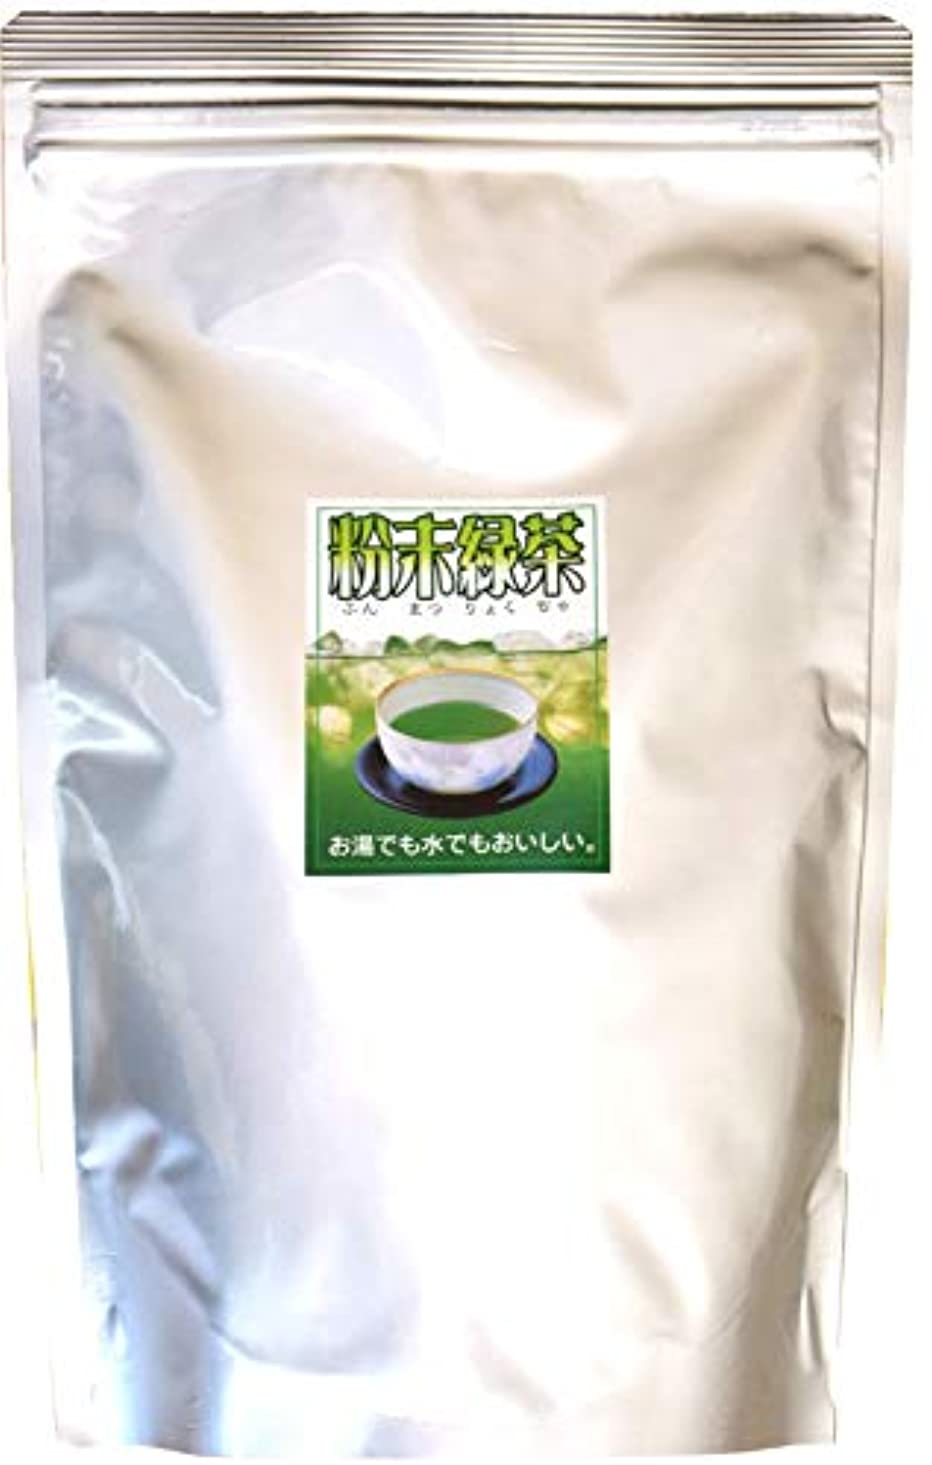 鮮やかな女優特異性粉末緑茶 500g 業務用 パウダー ( 粉末 煎茶 緑茶 ) 静岡県掛川産 100% (500g1袋)